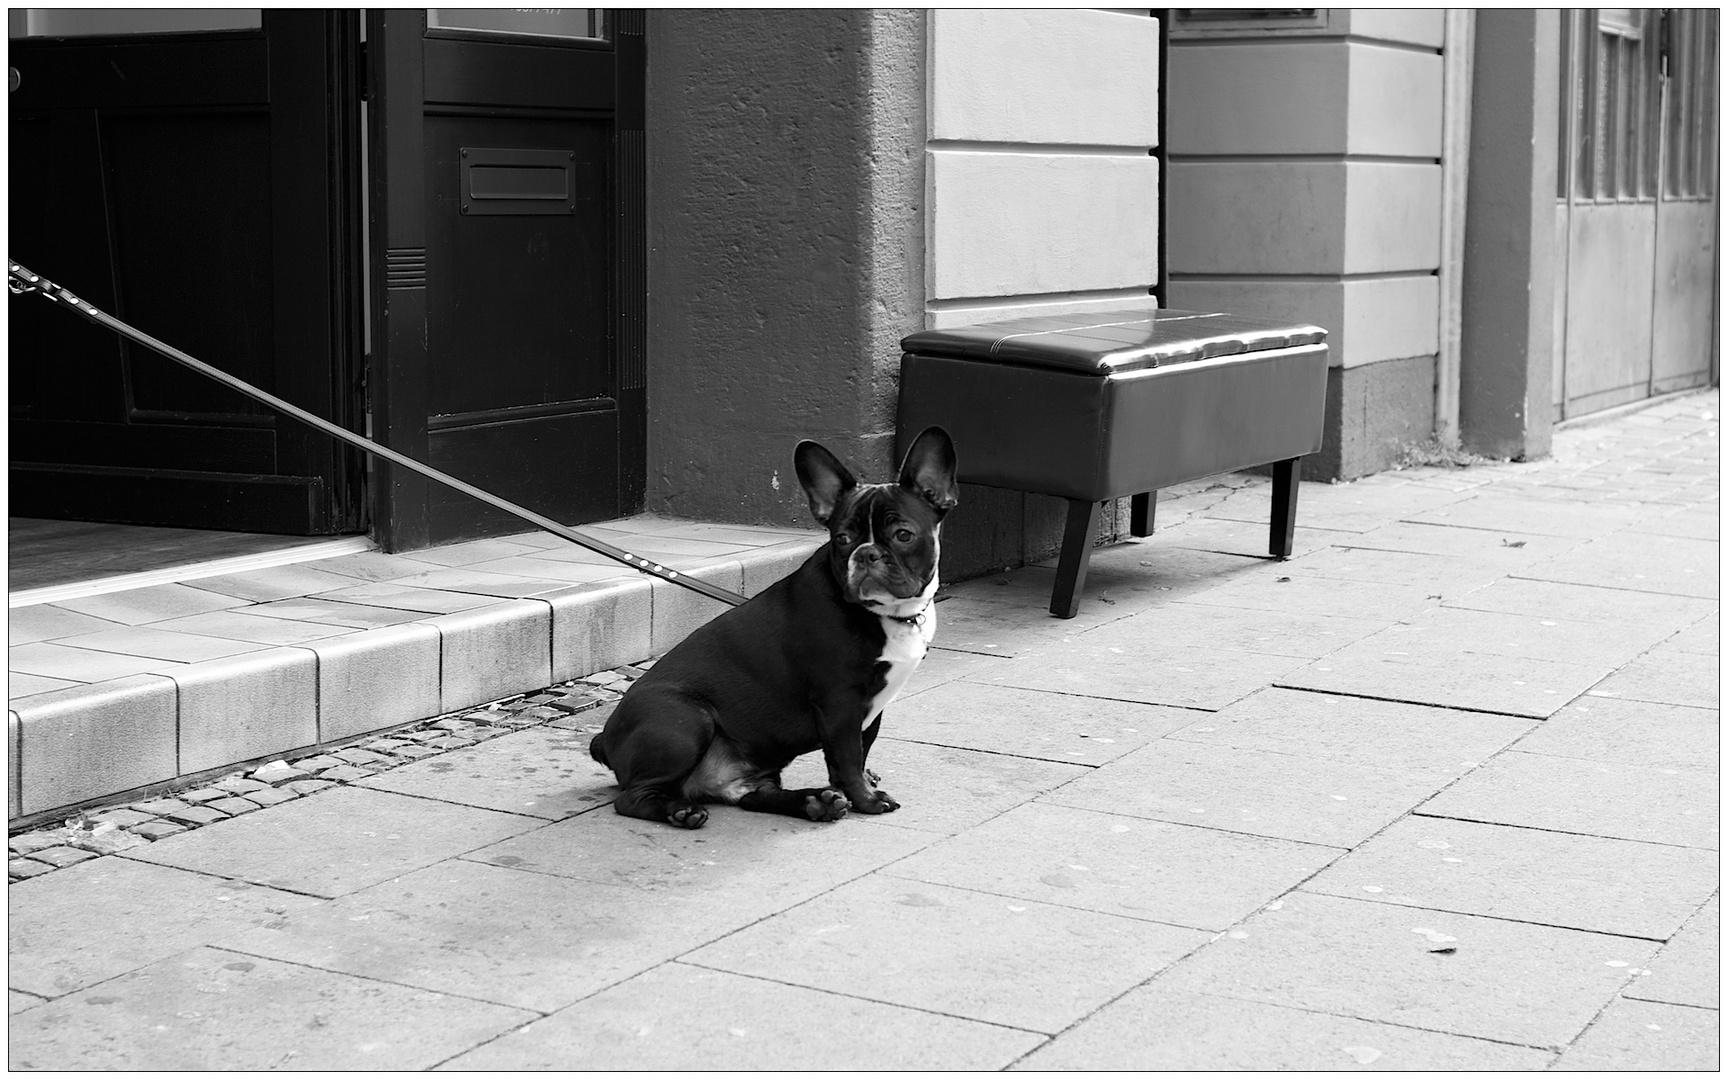 Der wartende Hund